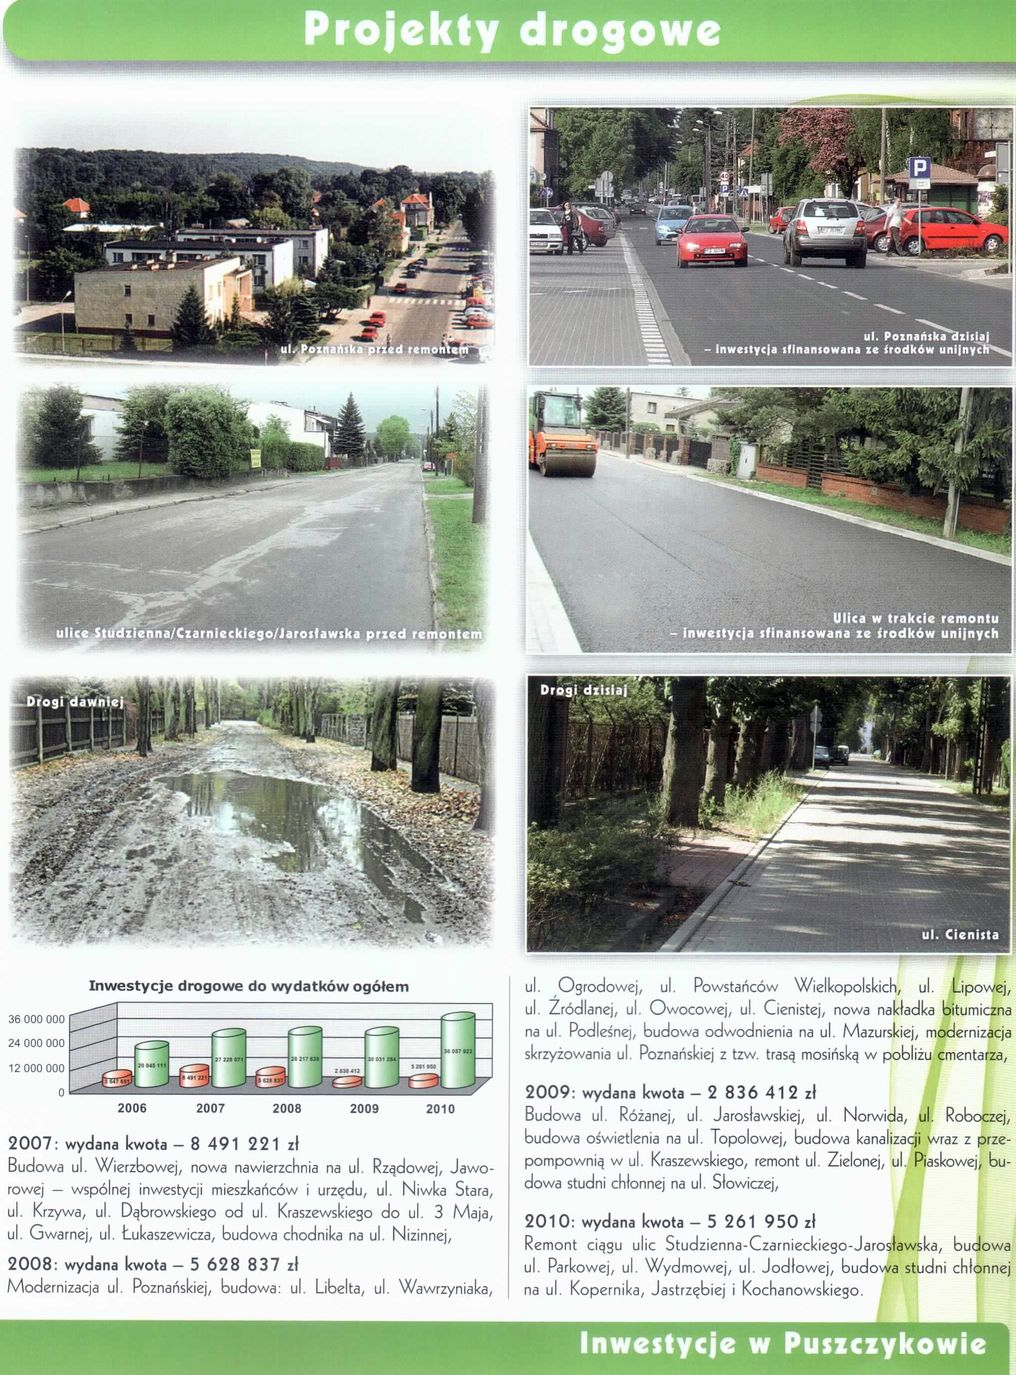 2_projekty drogowe1